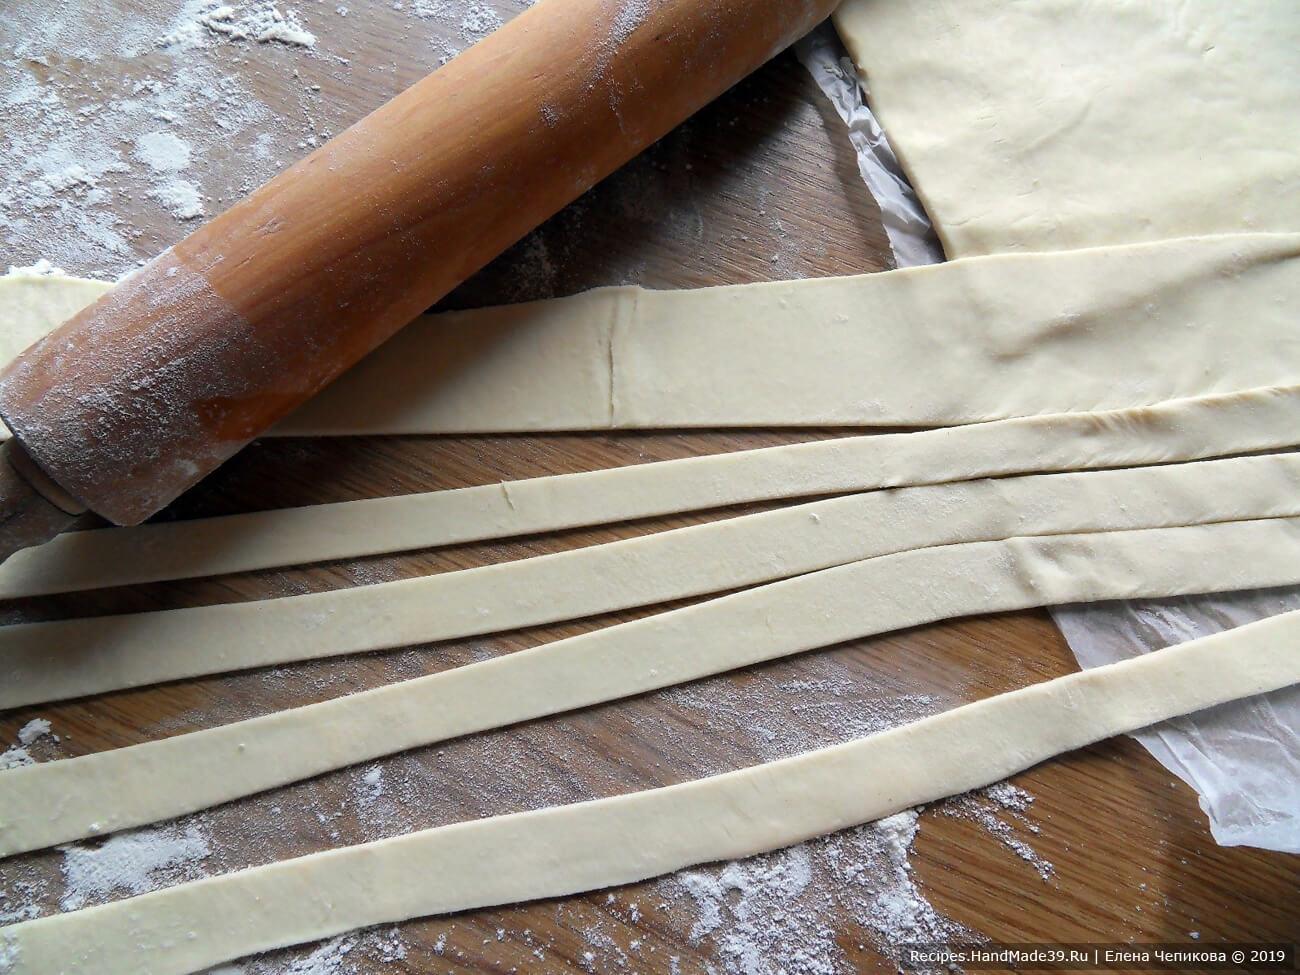 Слоёное бездрожжевое тесто разморозить, раскатать. Разрезать тесто на полоски шириной 1 см